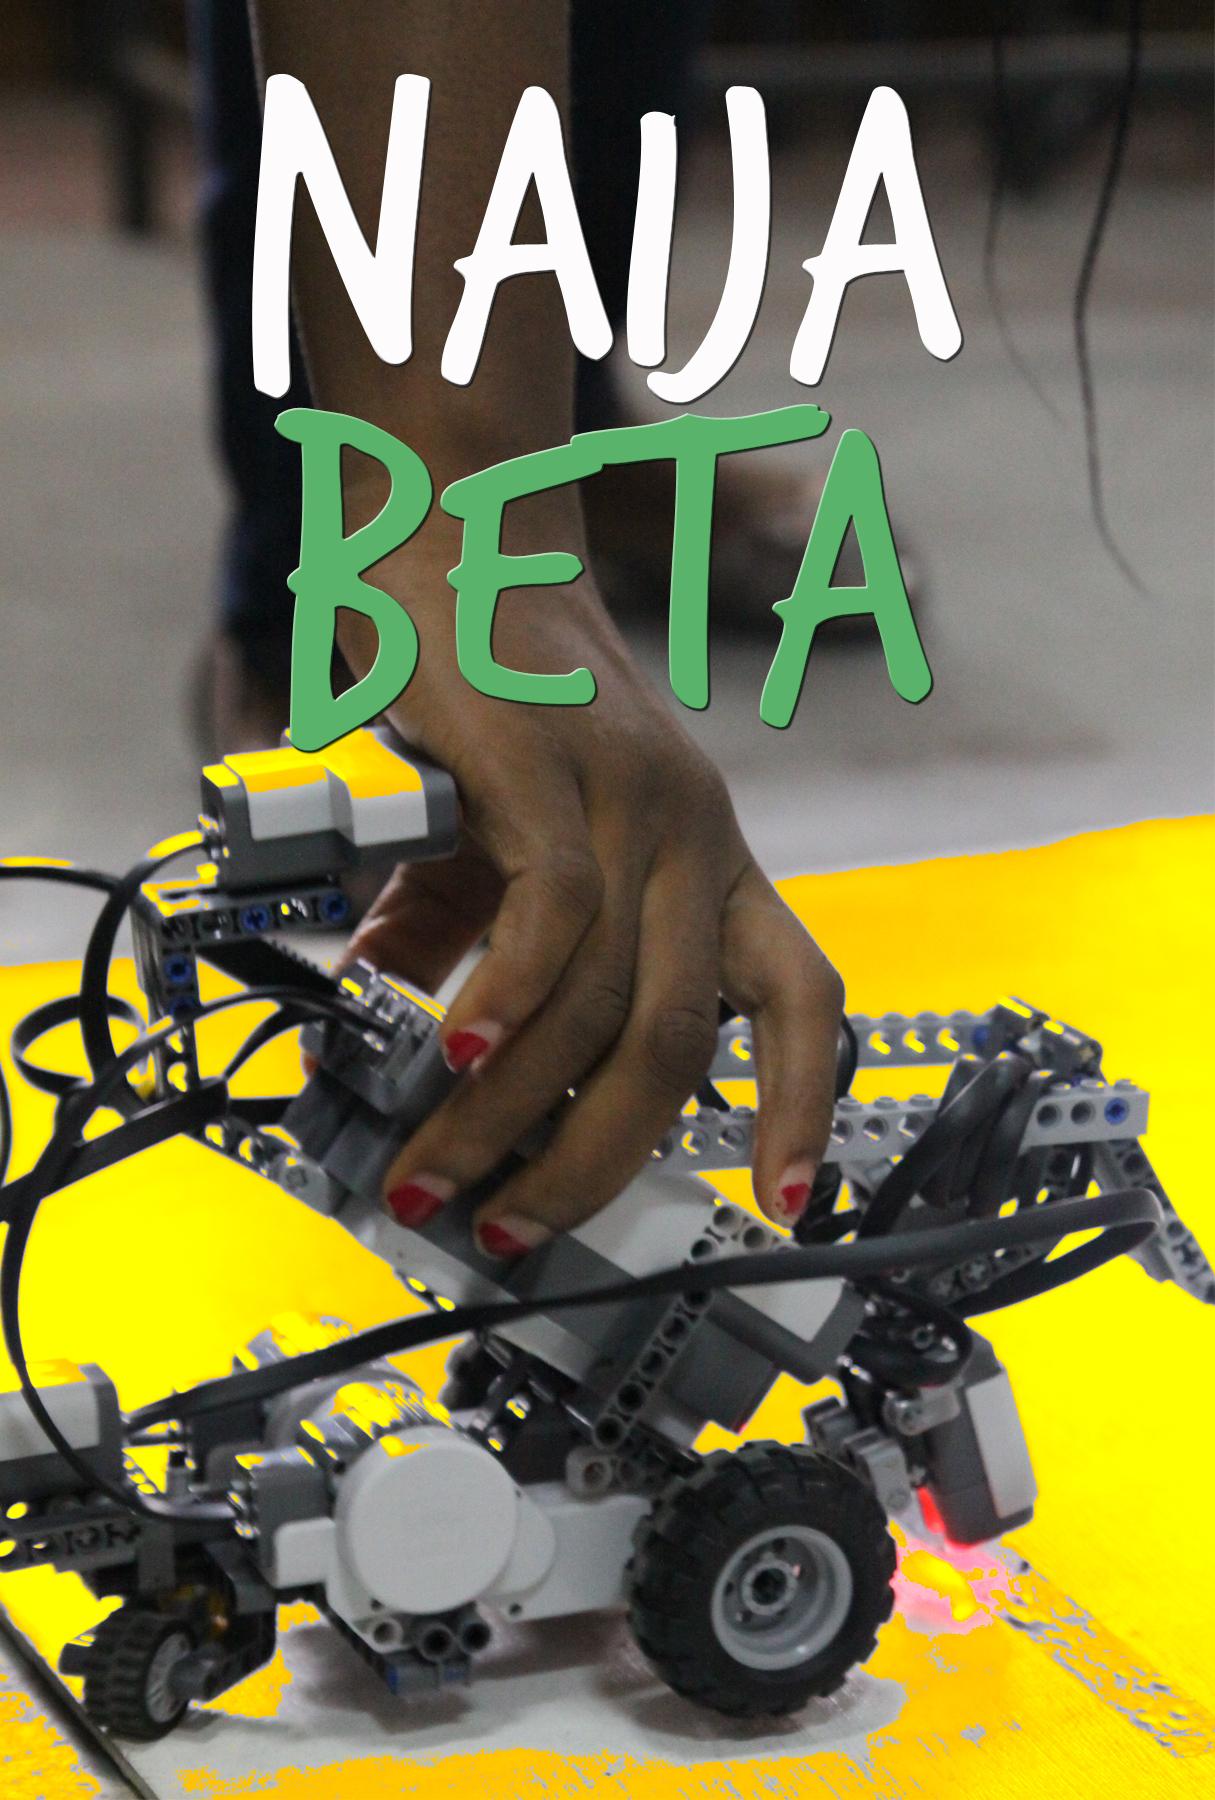 Naija Beta